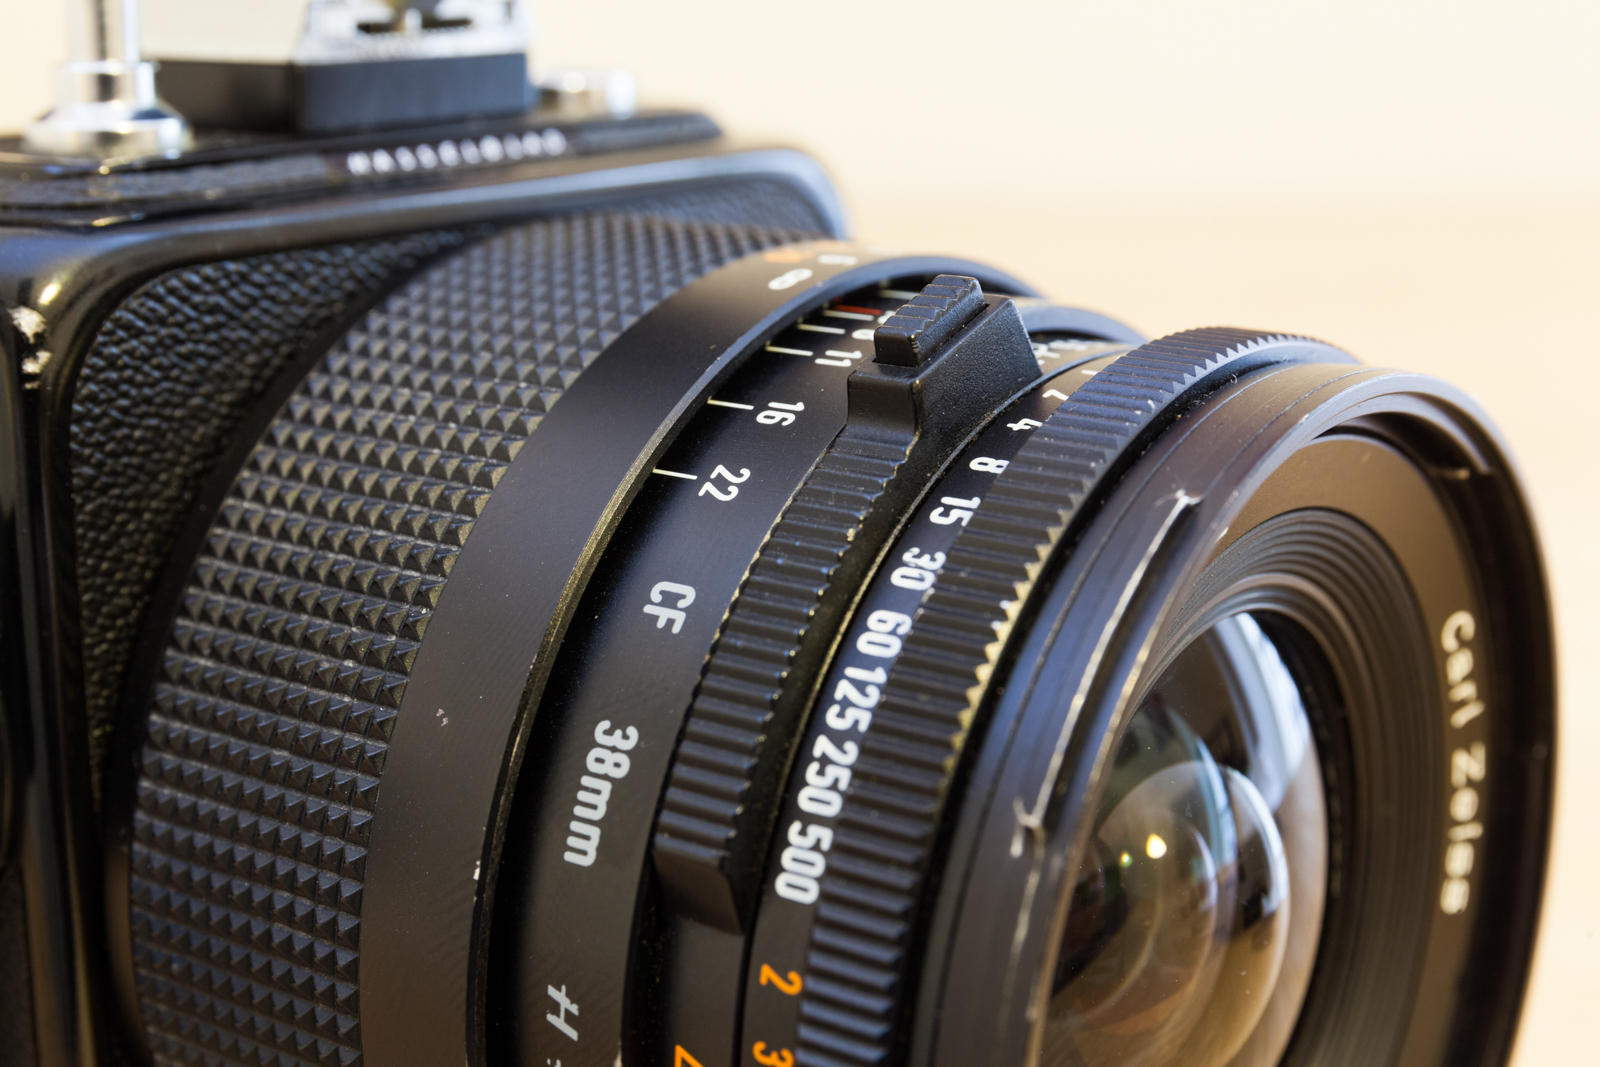 Molette de synchronisation ouverture et vitesse de l'objectif Biogon 38mm F/4.5 du moyen-format argentique Hasselblad SWC/M.